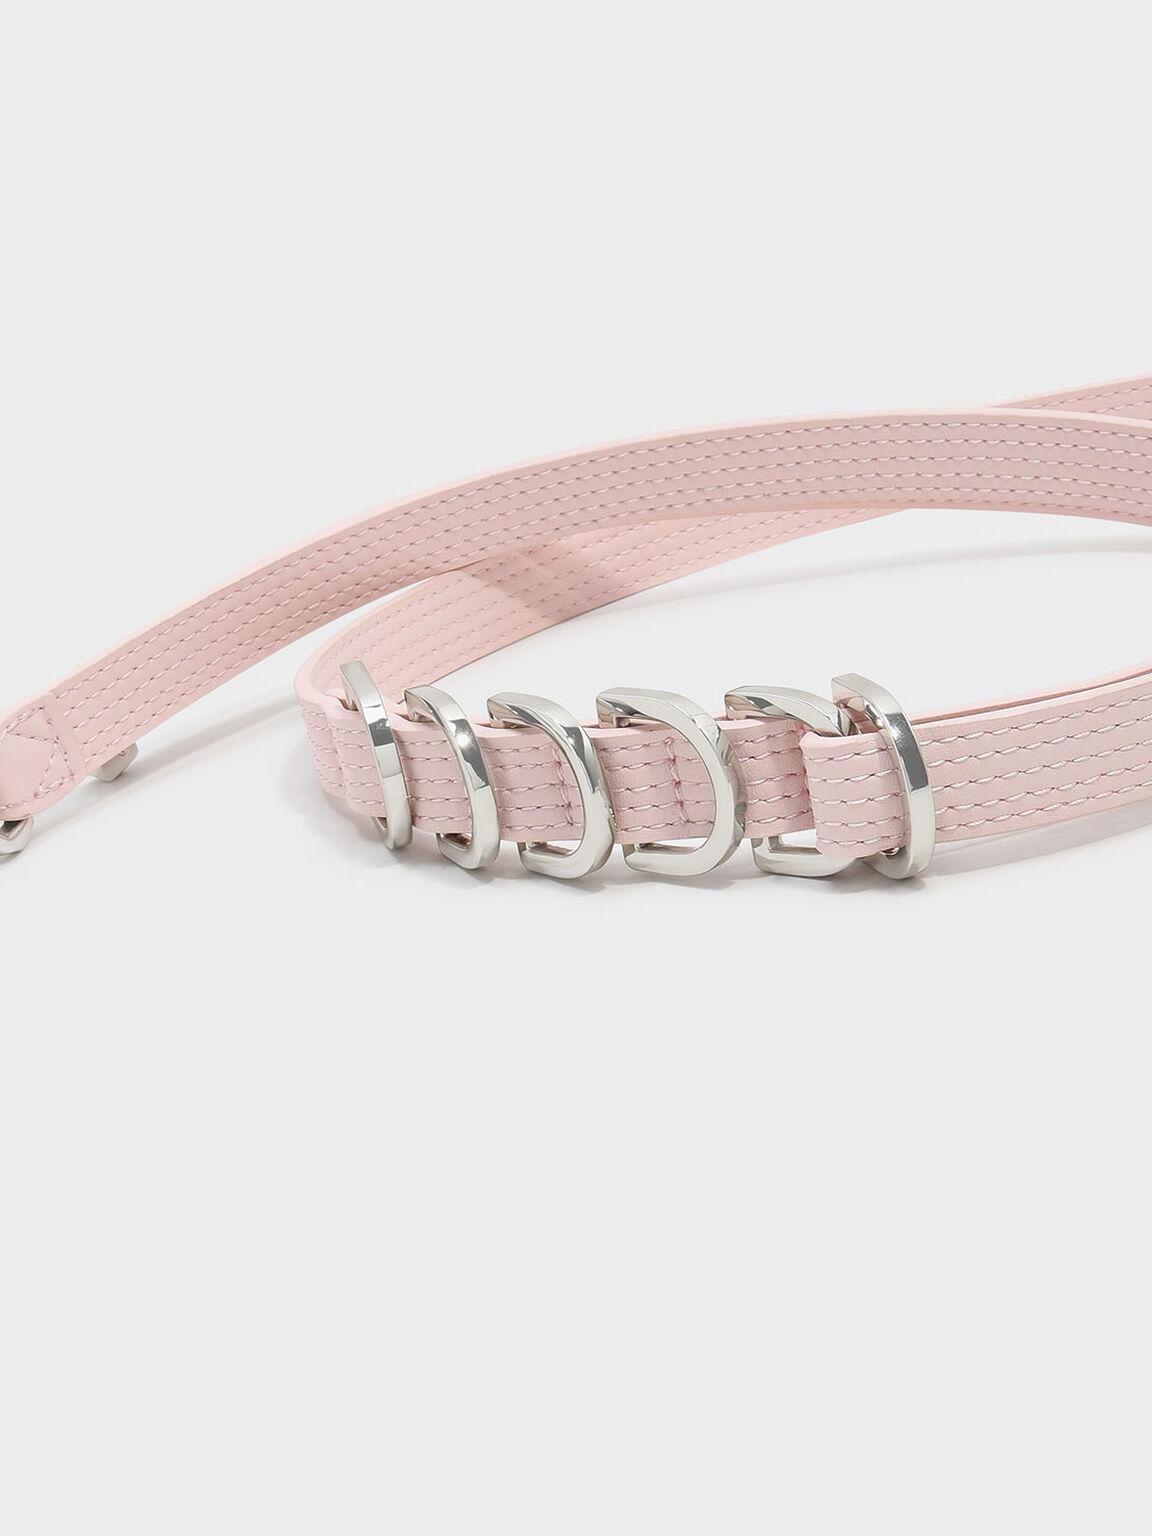 Ring Detail Bag Strap, Pink, hi-res